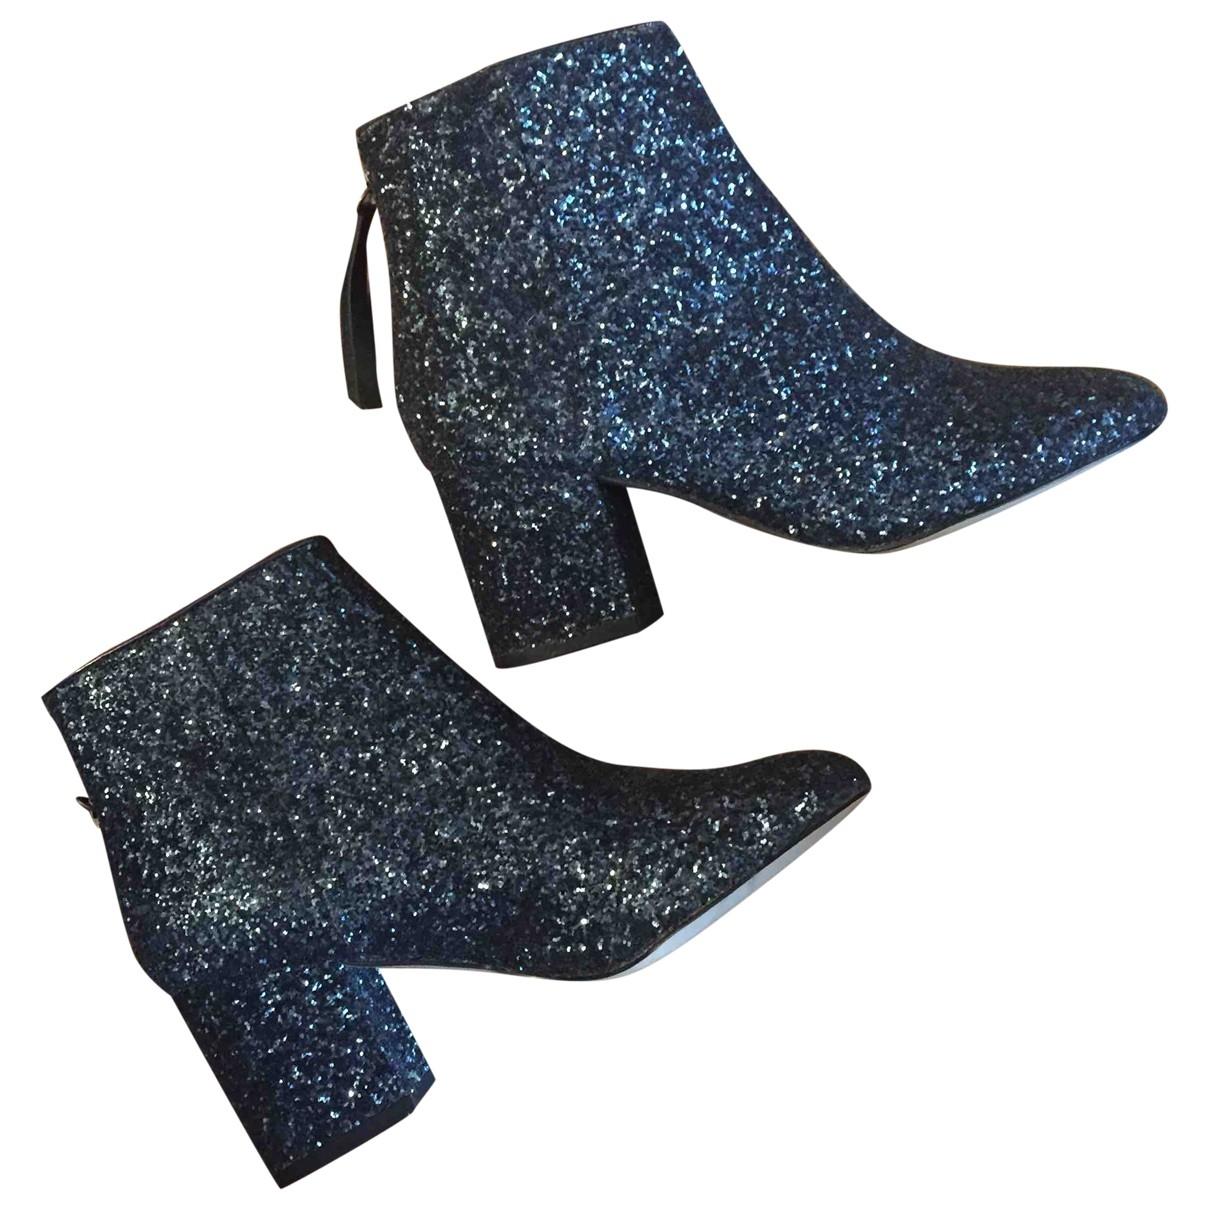 Asos \N Navy Glitter Boots for Women 5 UK